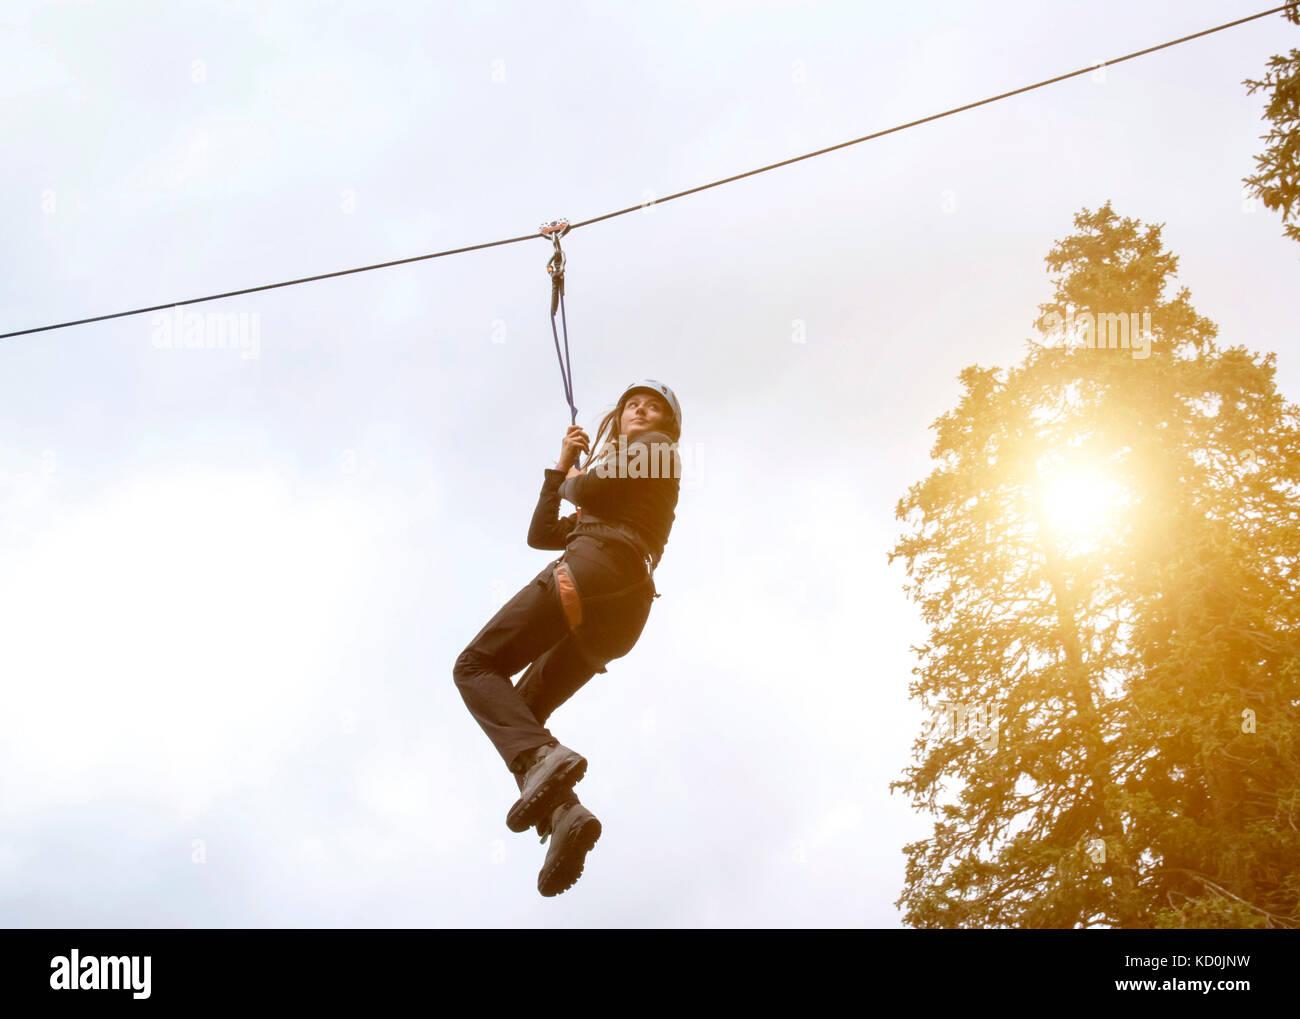 Teenage girl on zip wire - Stock Image